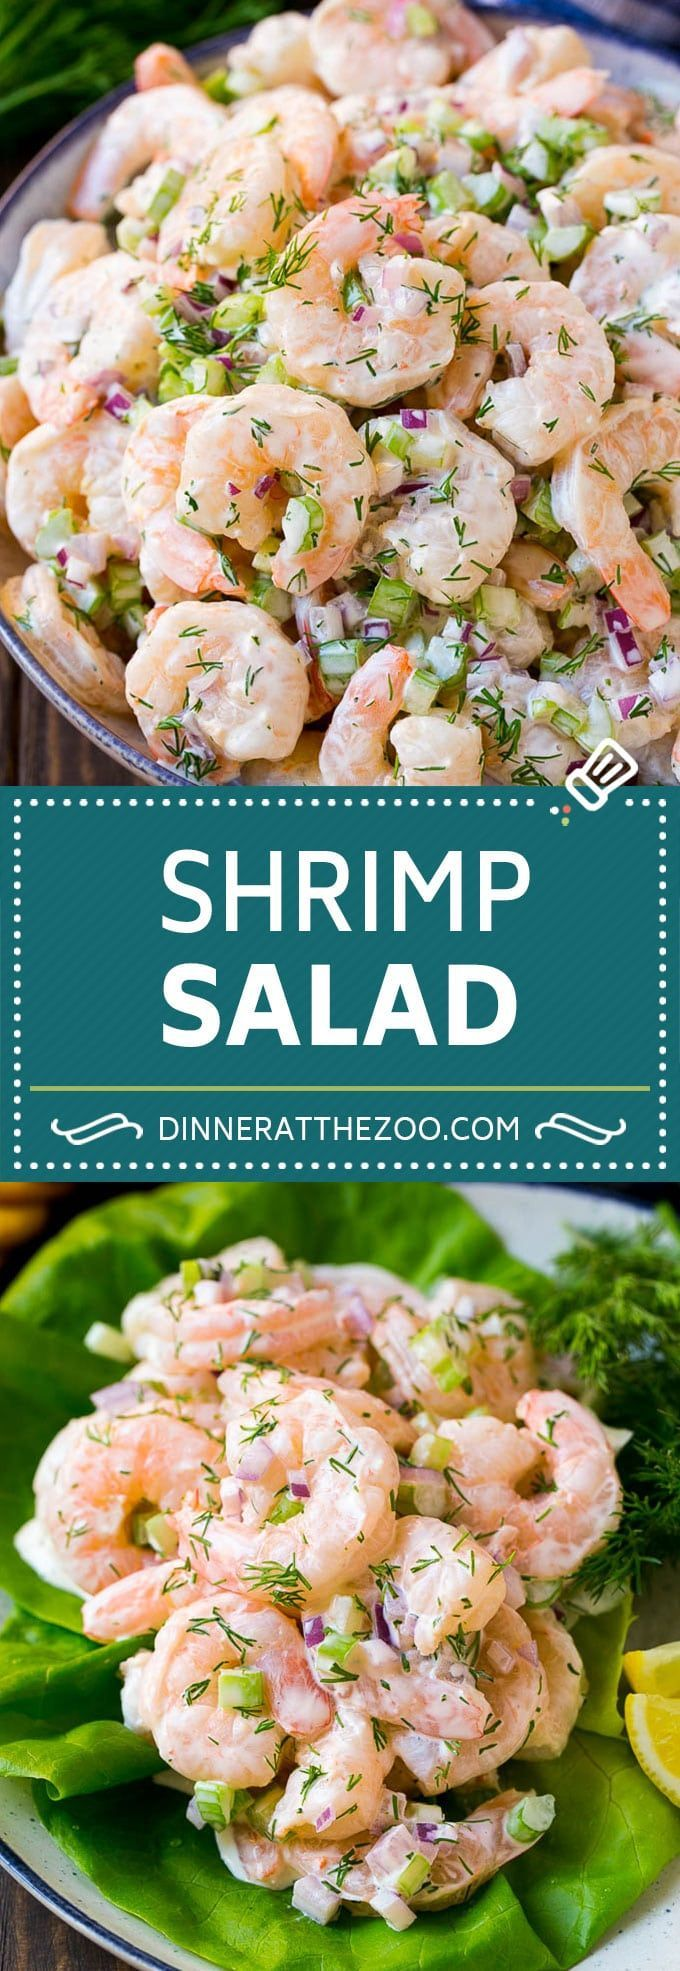 Shrimp Salad Recipe | Creamy Shrimp Salad